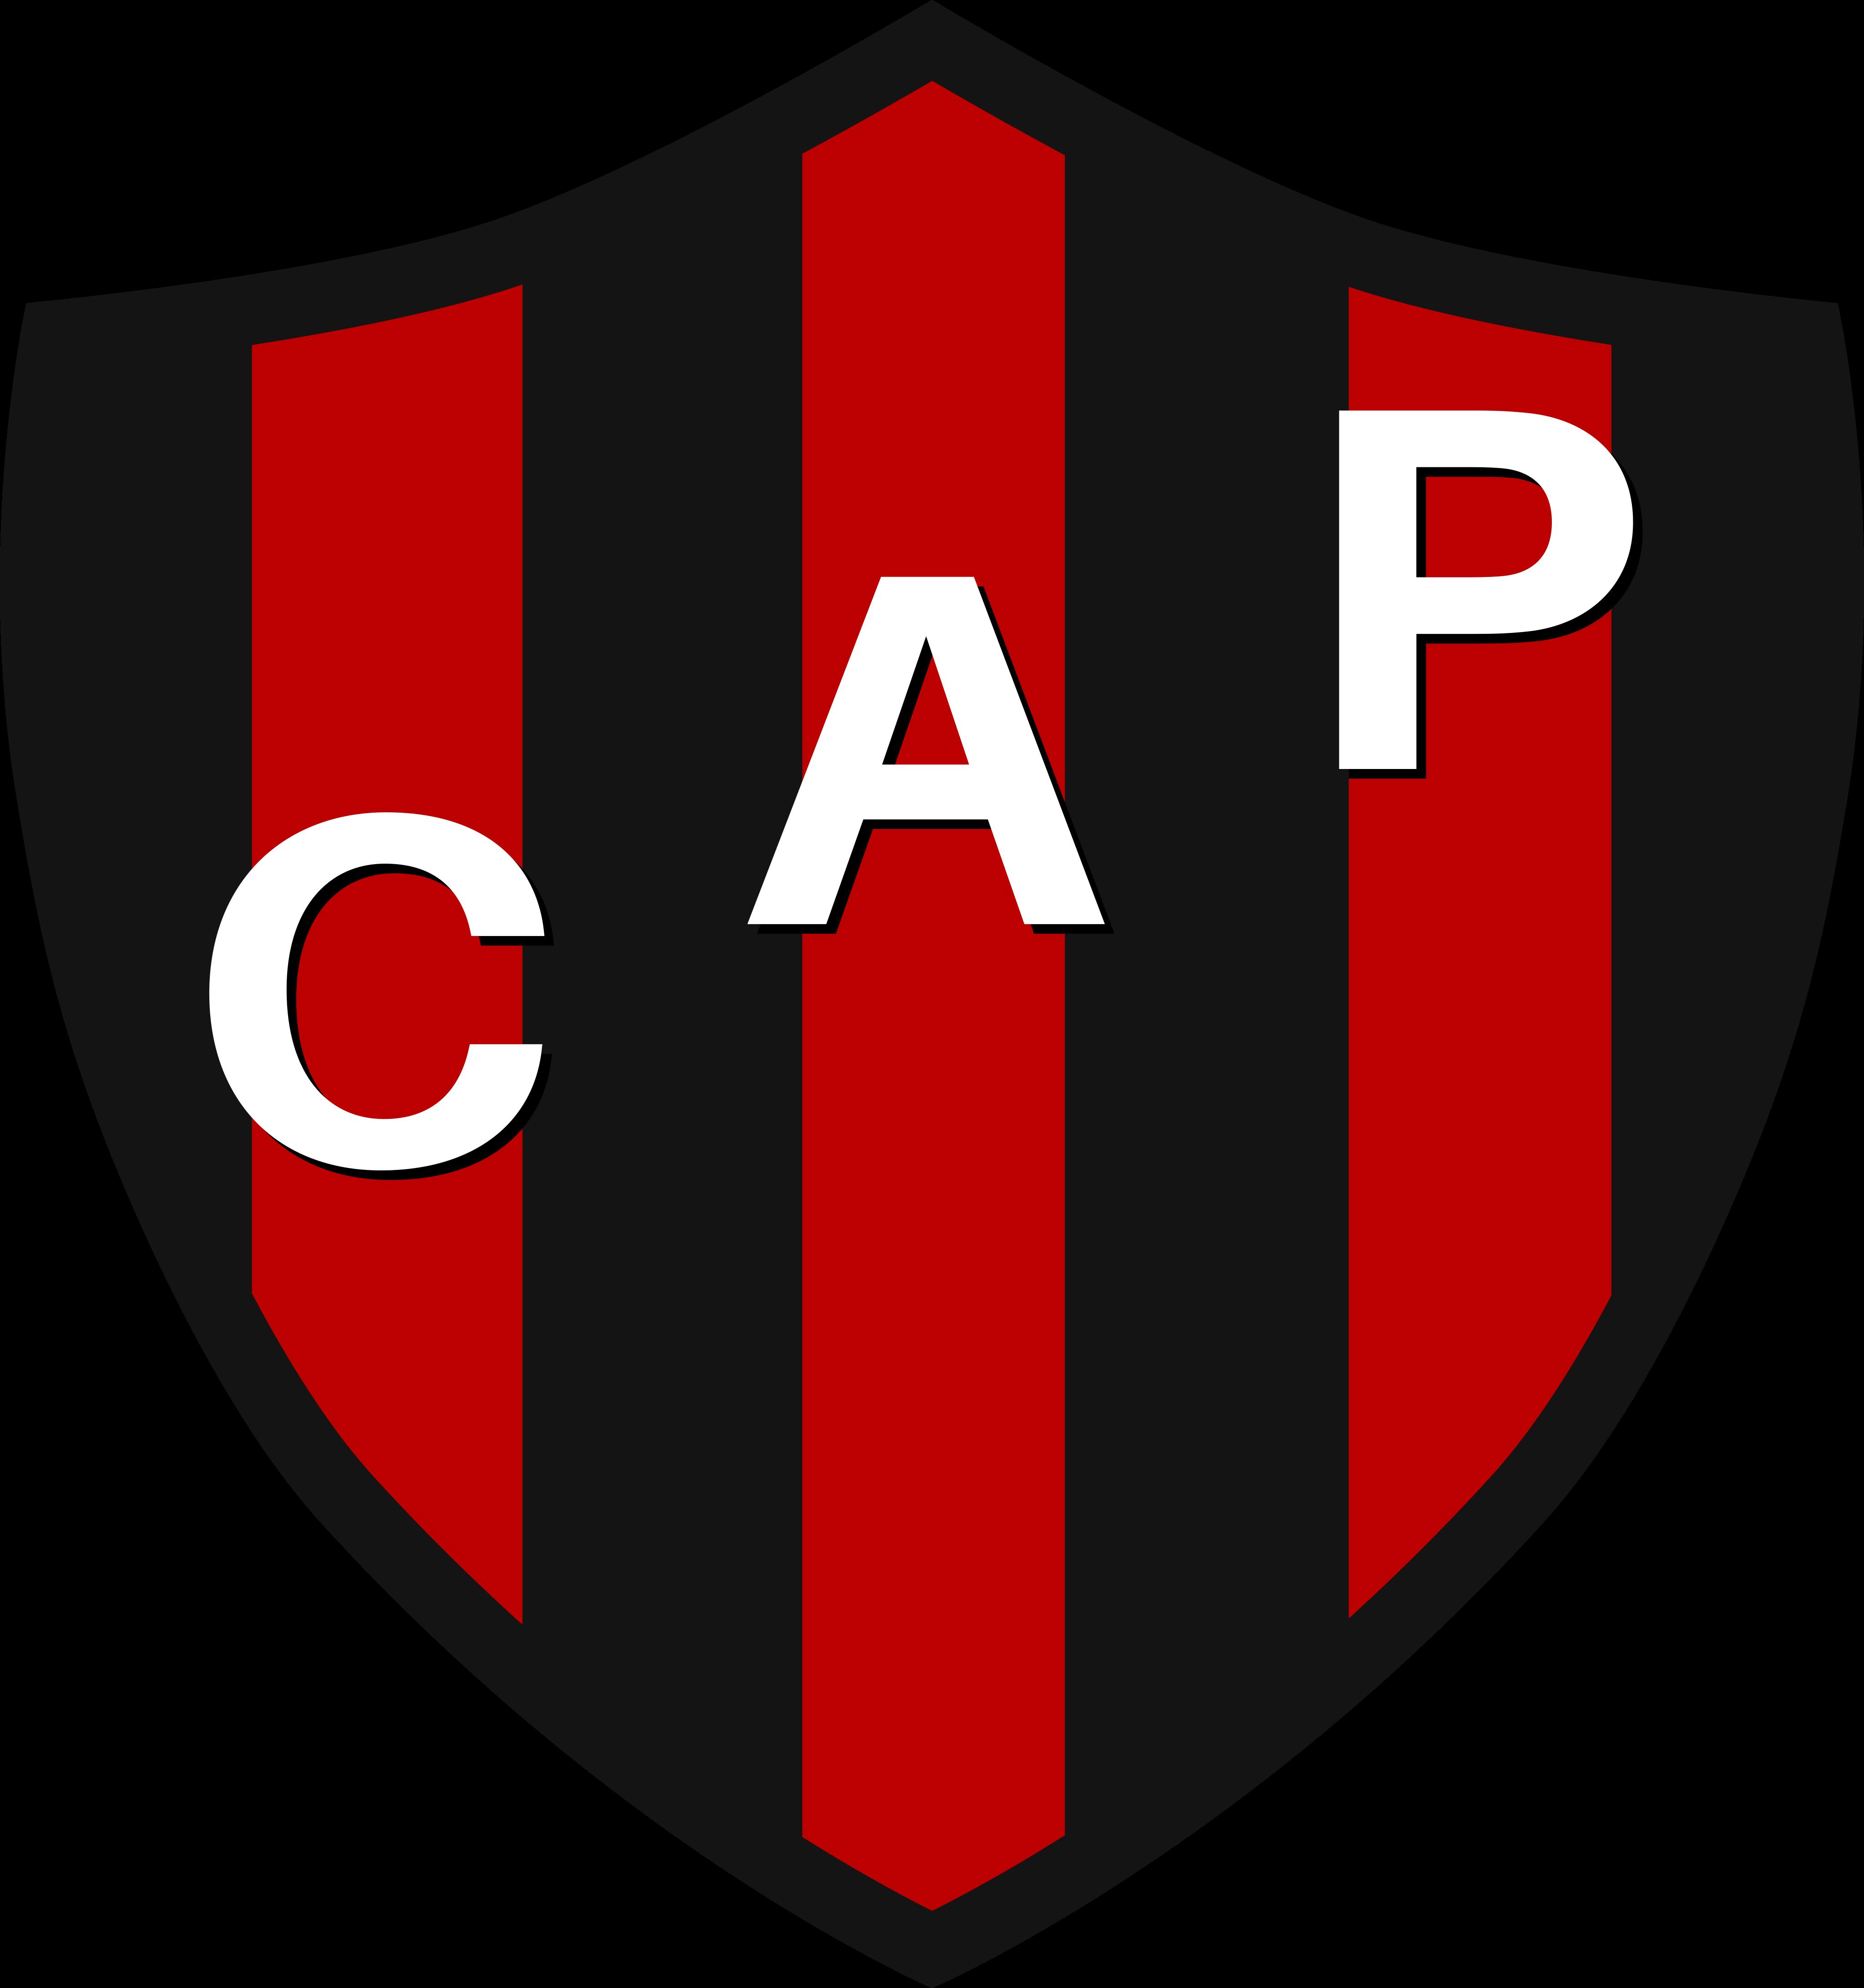 Club Atlético Patronato Logo.